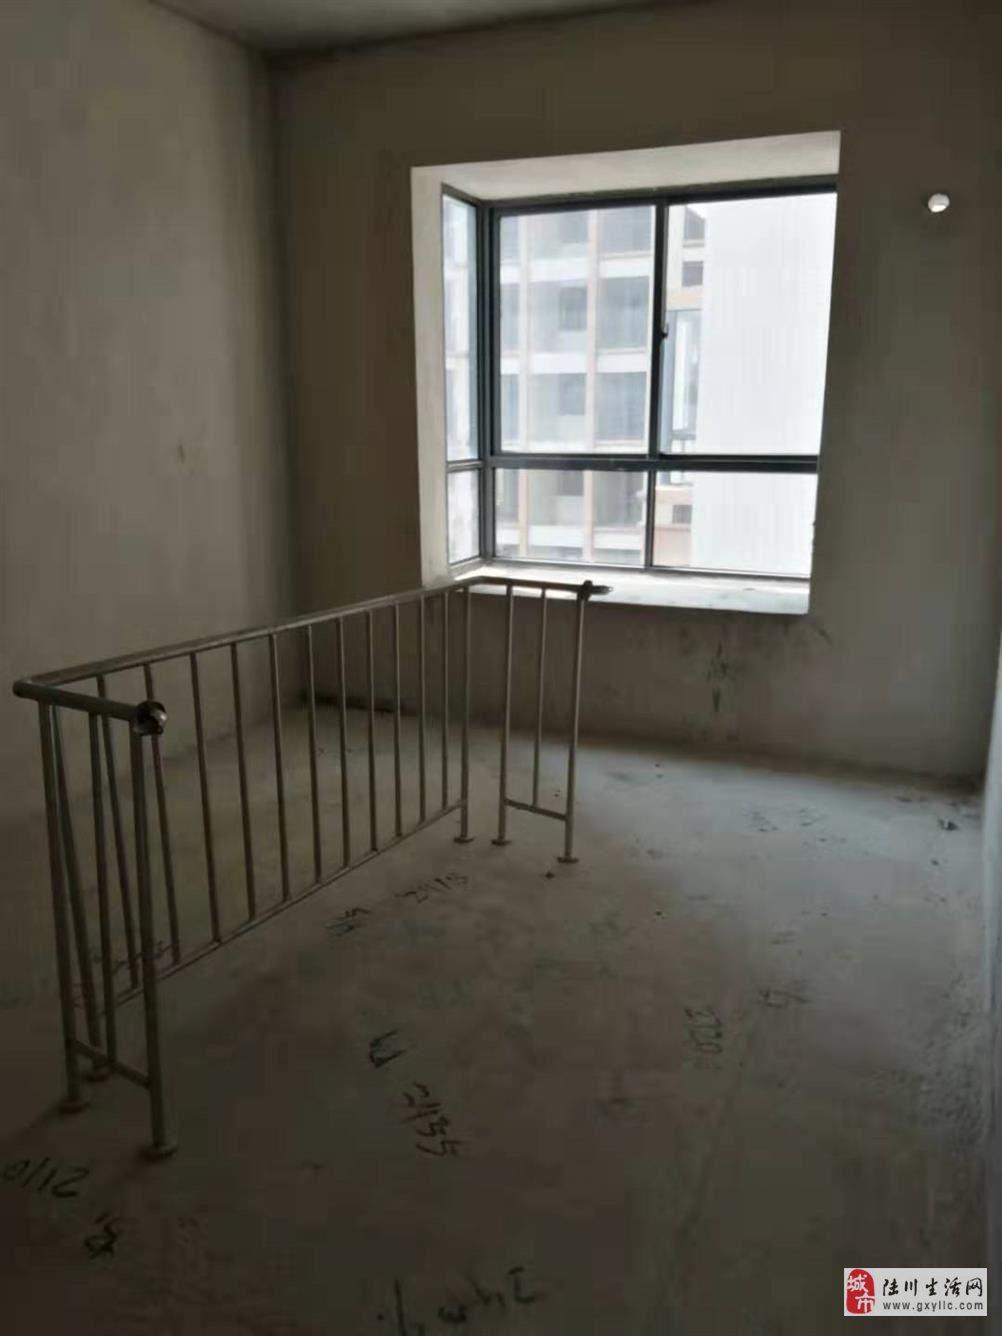 龙福花园4室2厅2卫53万元毛坯抄底价出售钥匙在手